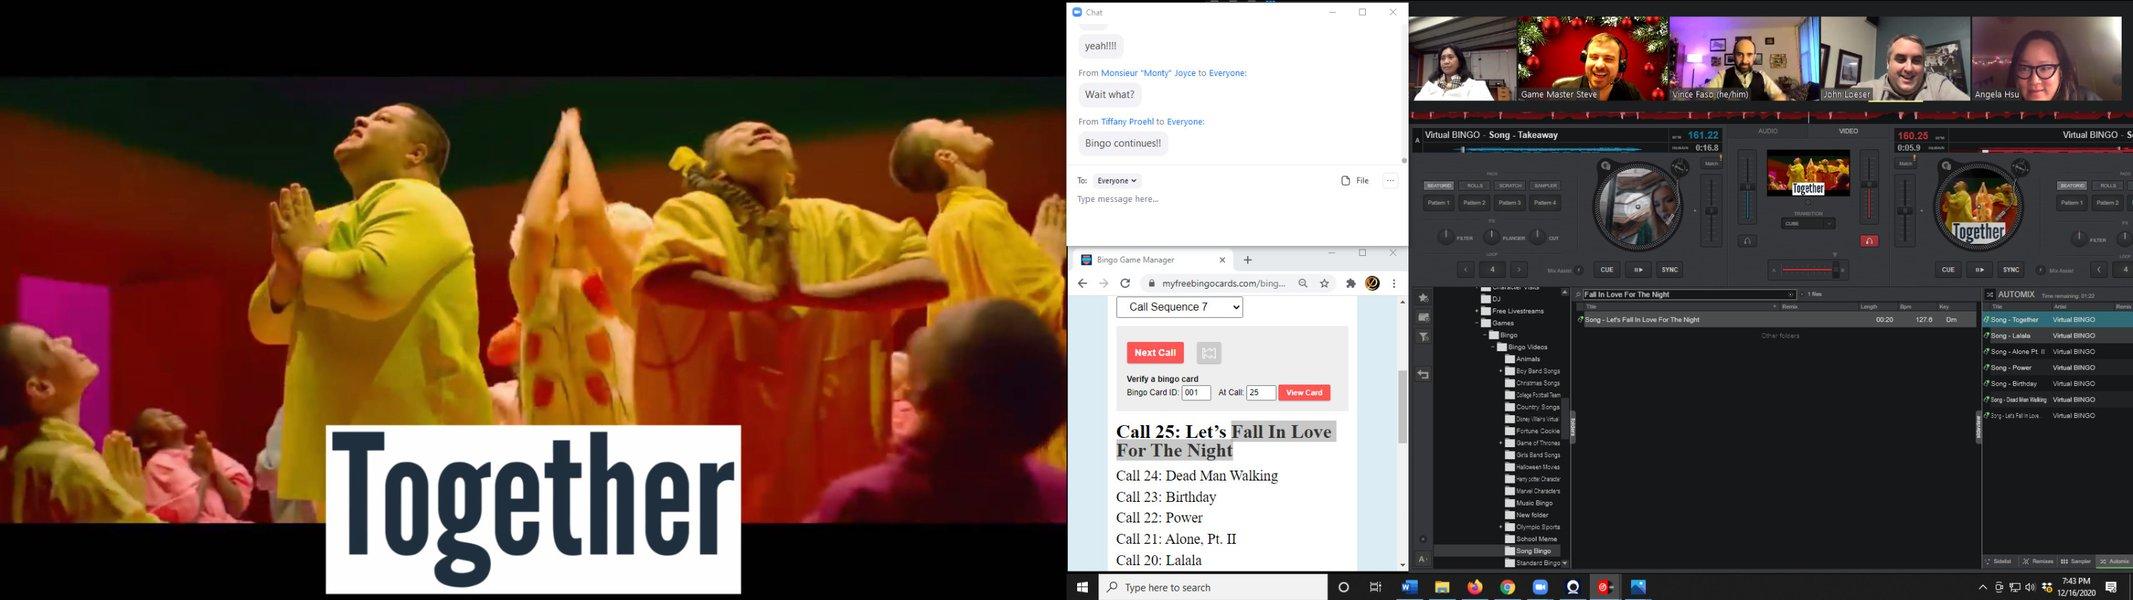 Music and Video Bingo: Screenshot (163).jpg